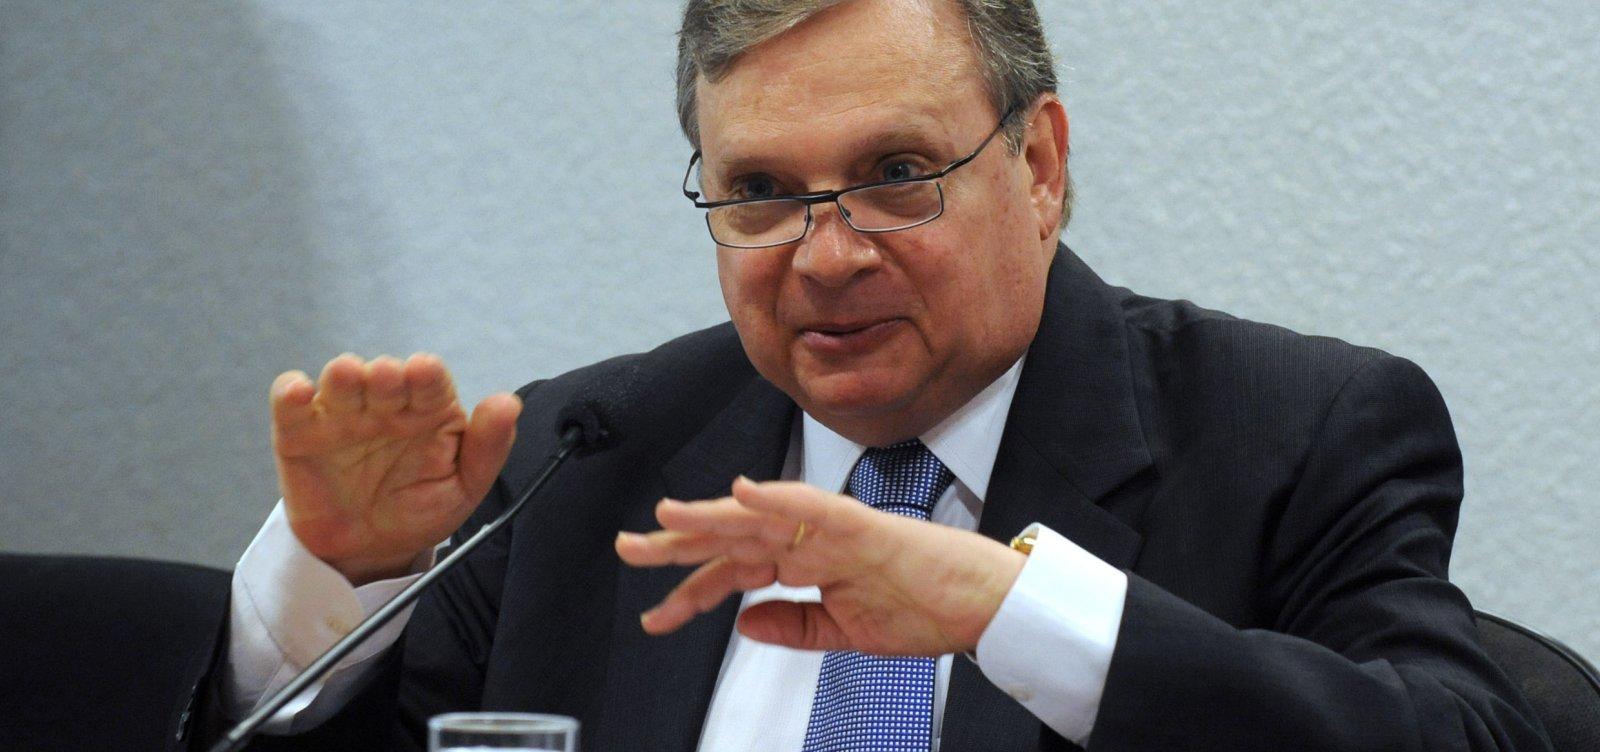 ['Aécio já prejudicou muito o partido', diz ex-presidente do PSDB]